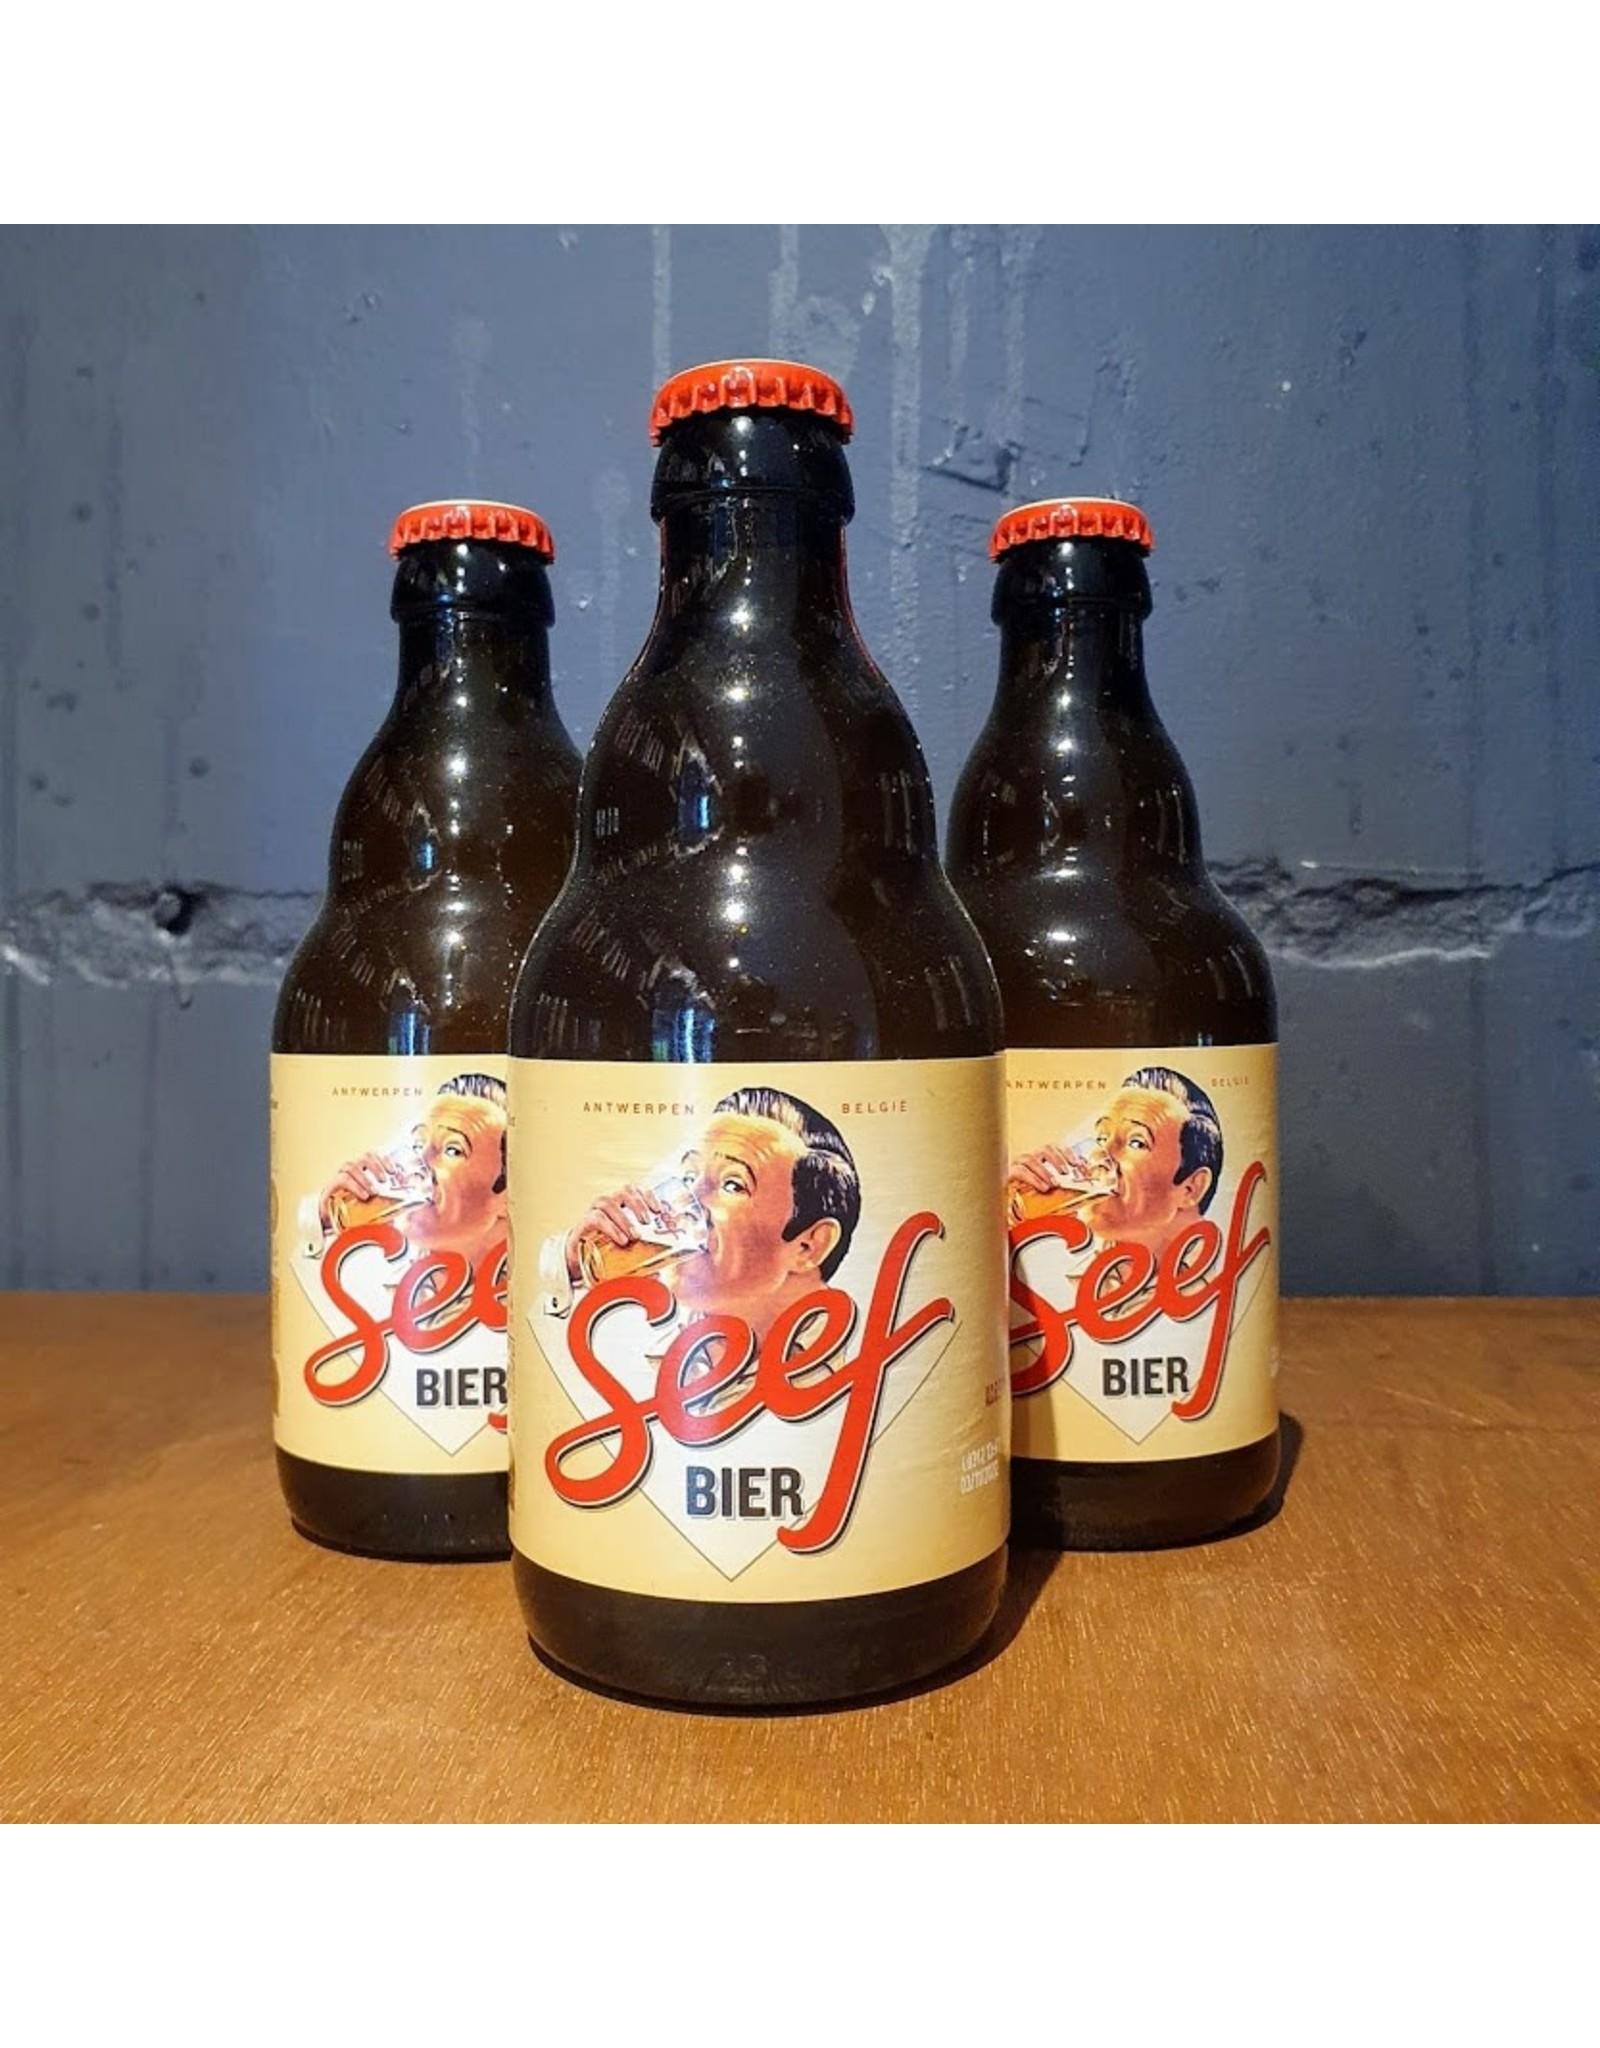 Seef Bier